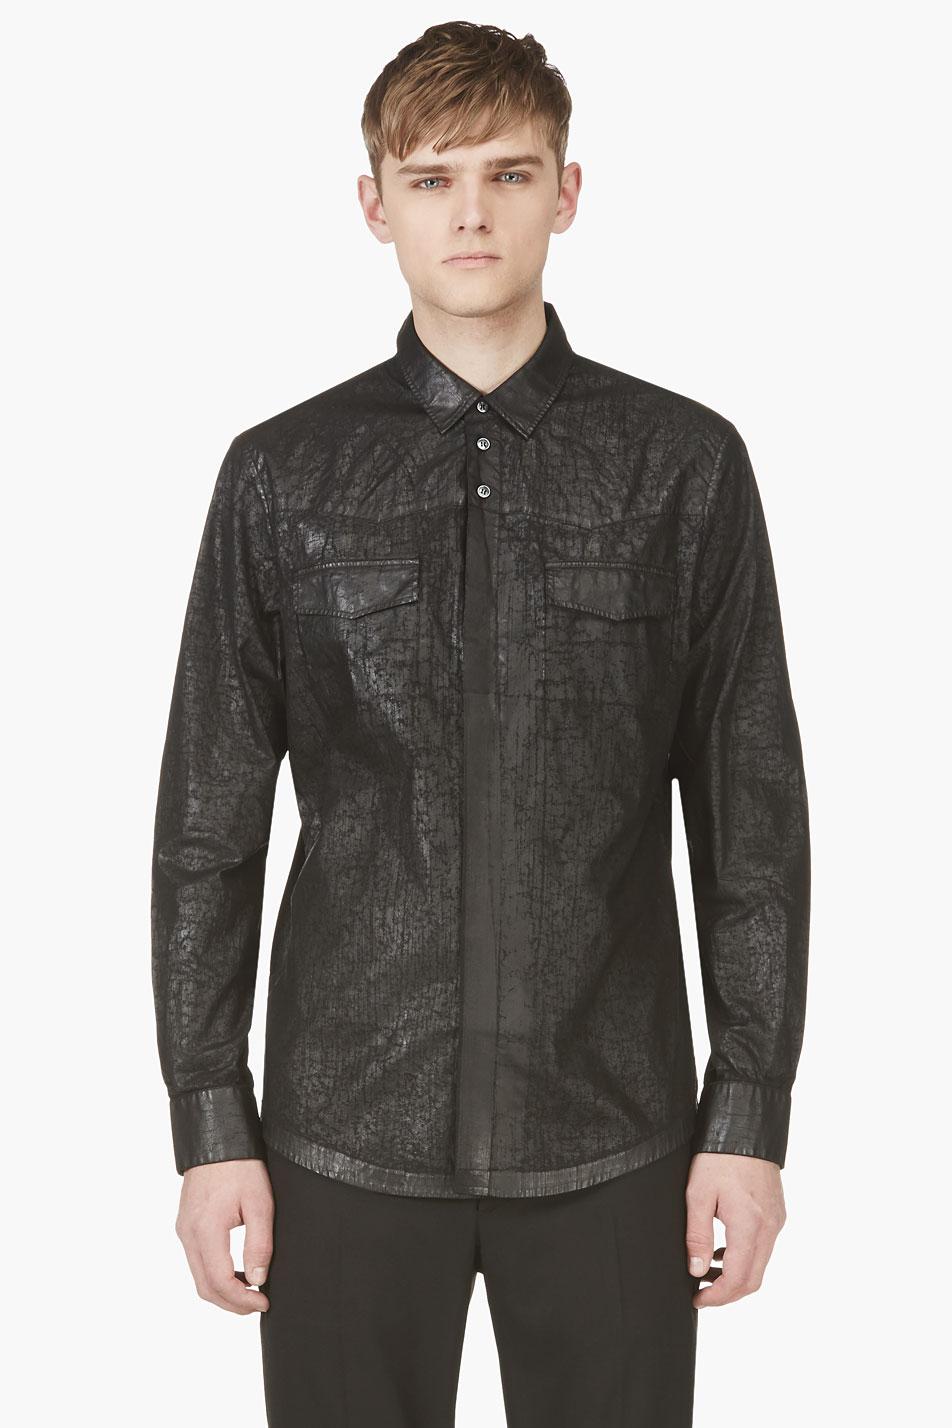 Maison martin margiela black cracked faux leather shirt